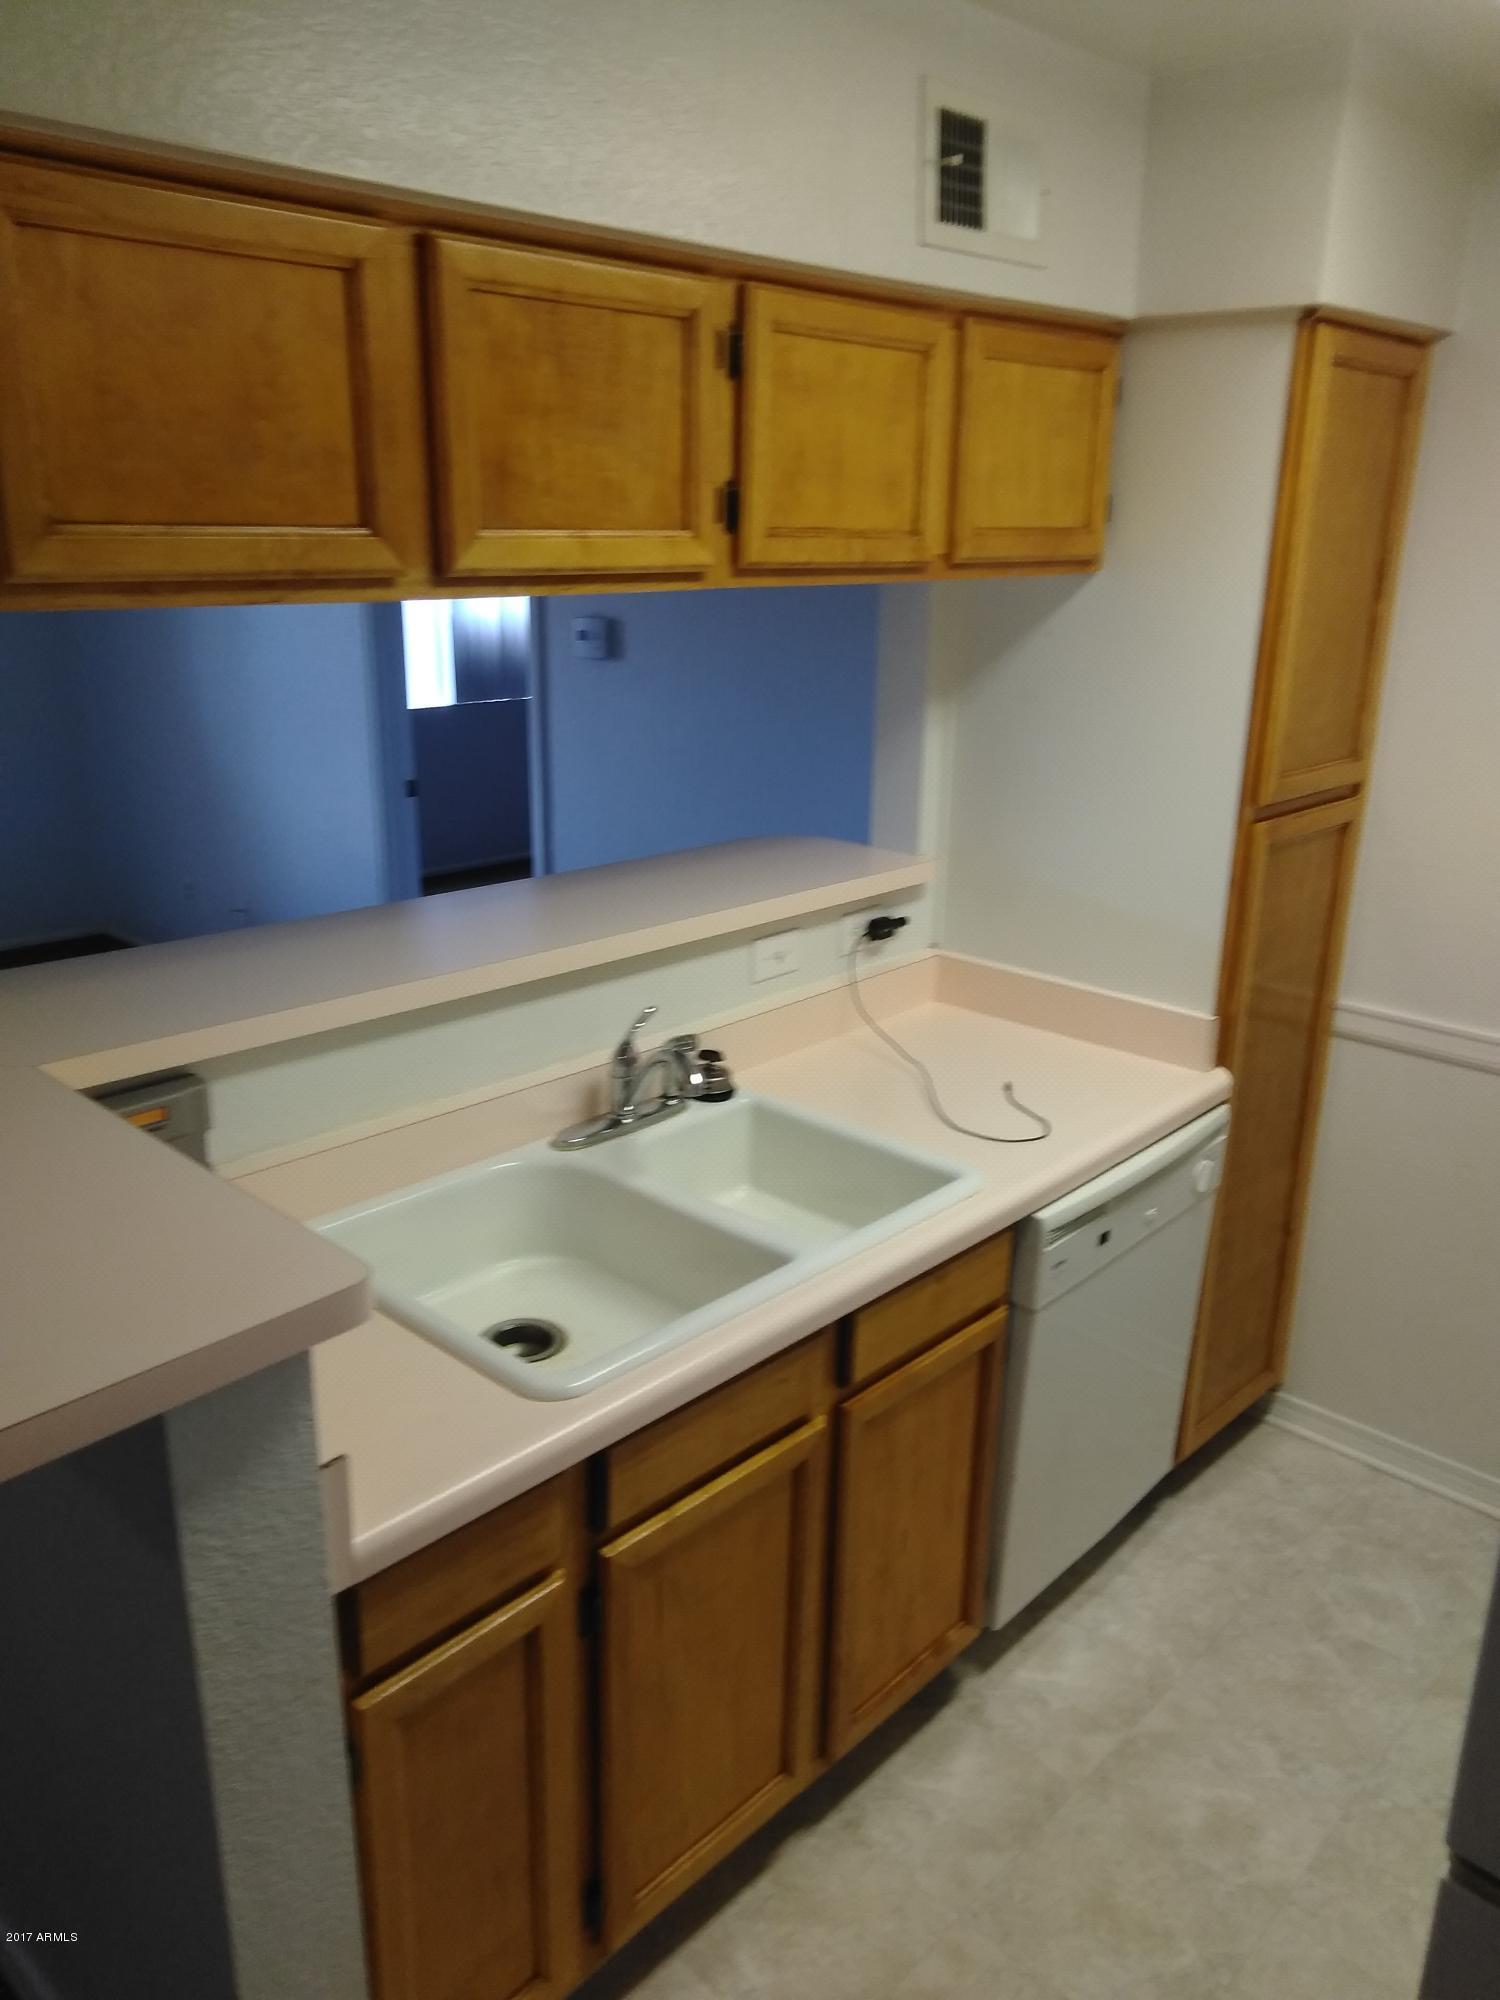 MLS 5633828 623 W GUADALUPE Road Unit 138, Mesa, AZ 85210 Mesa AZ Condo or Townhome